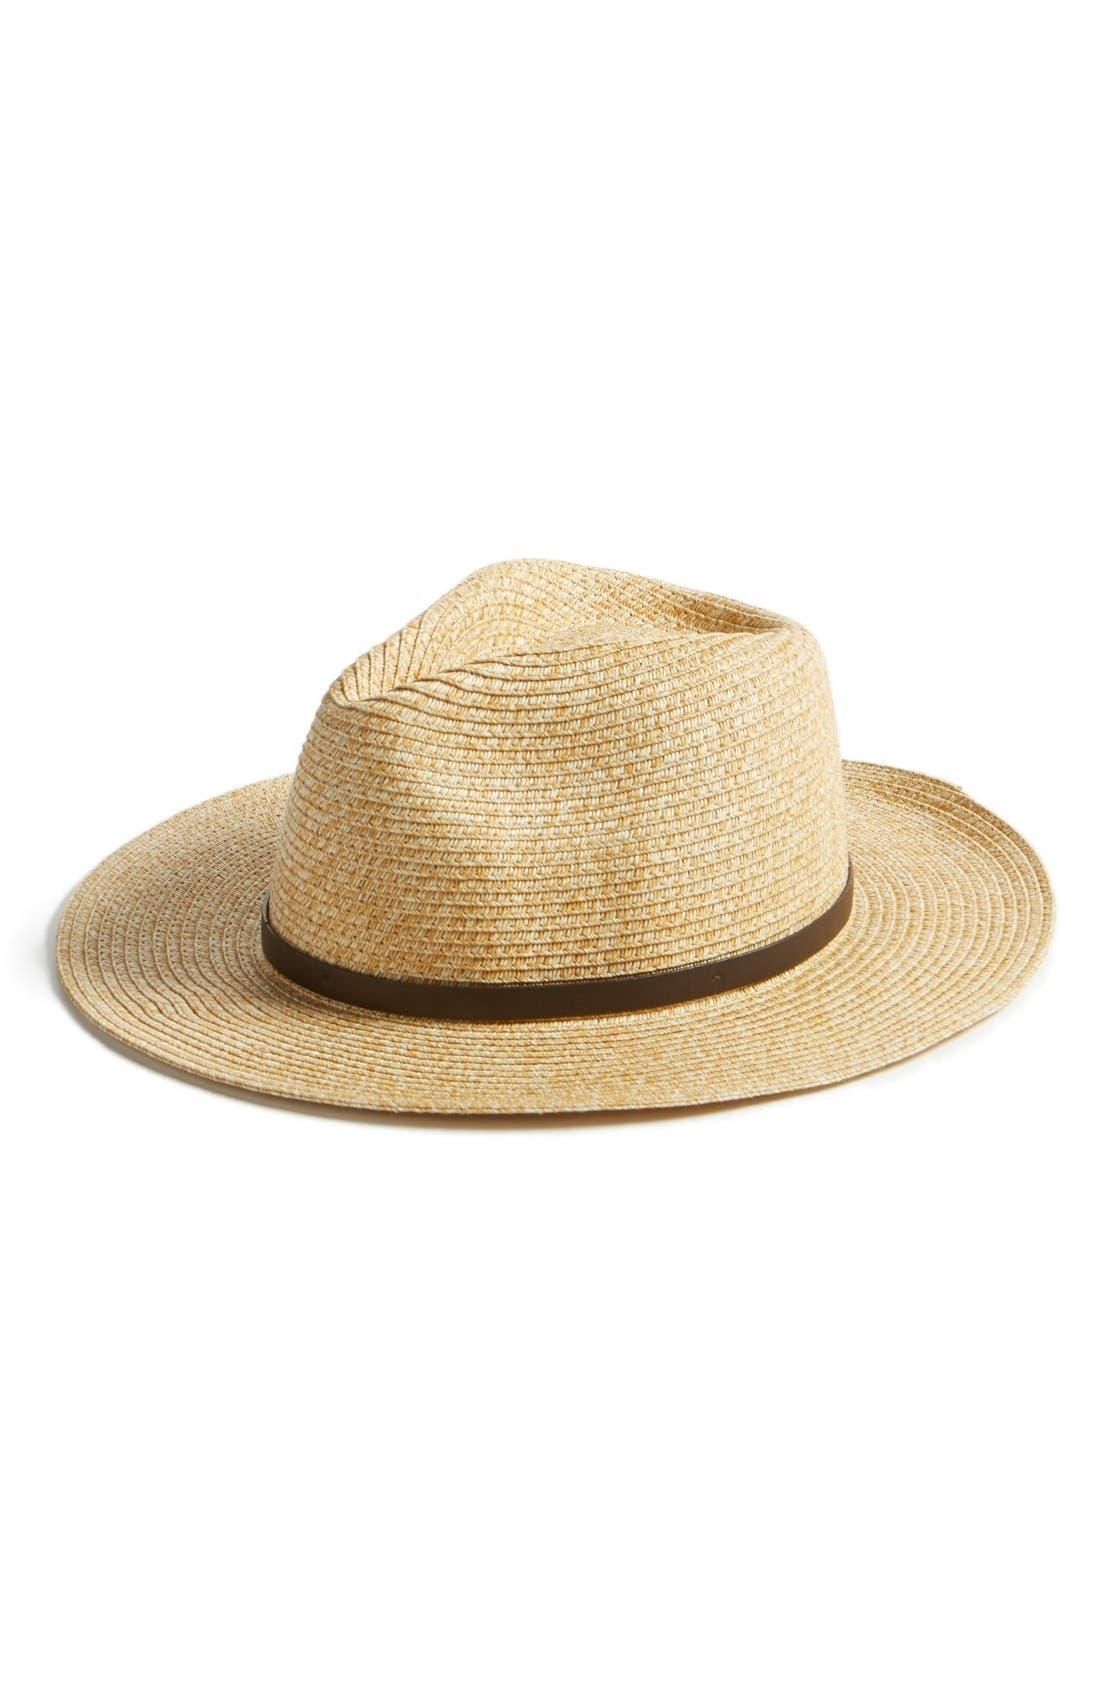 August Hat Straw Fedora